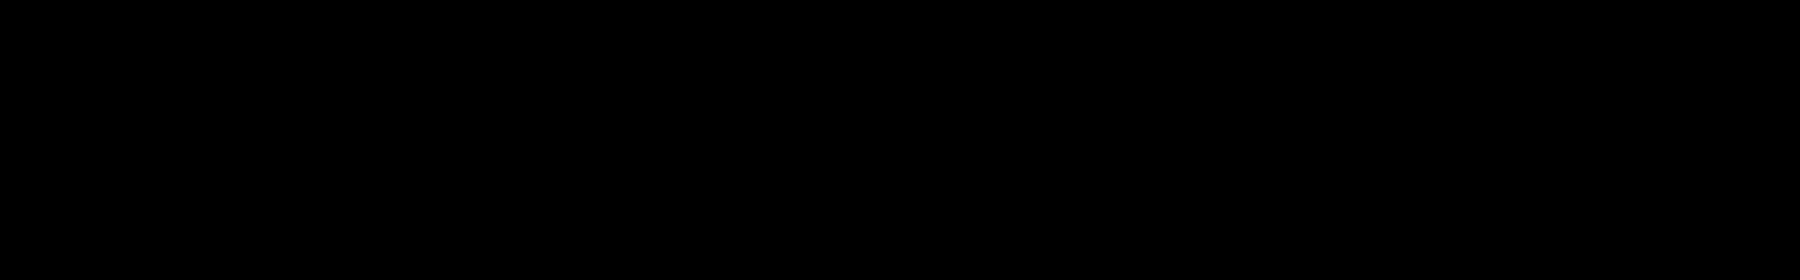 Drumnote audio waveform